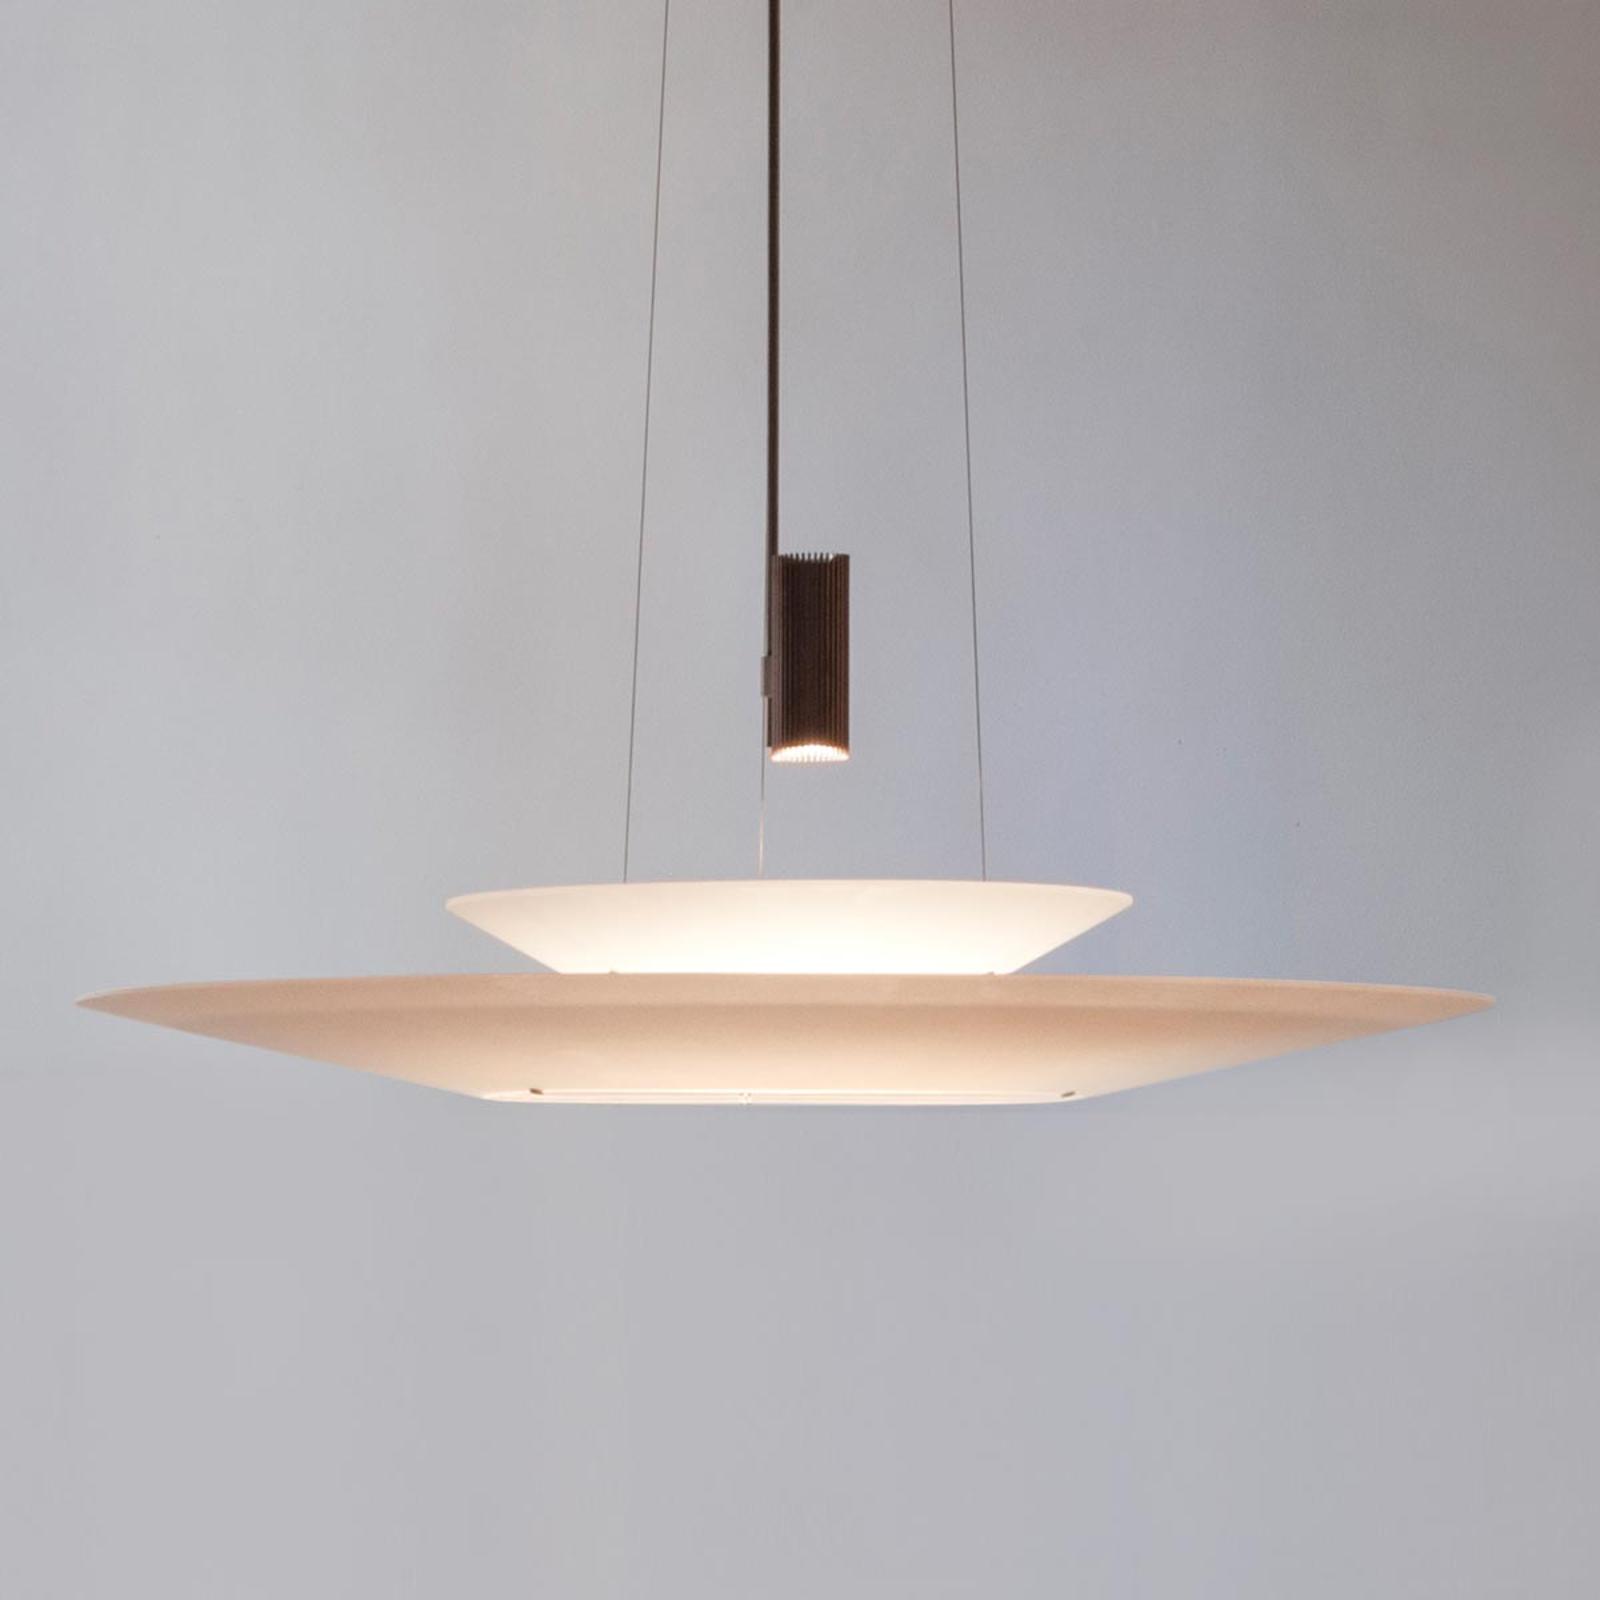 Niezwykła lampa wisząca LED Flamingo